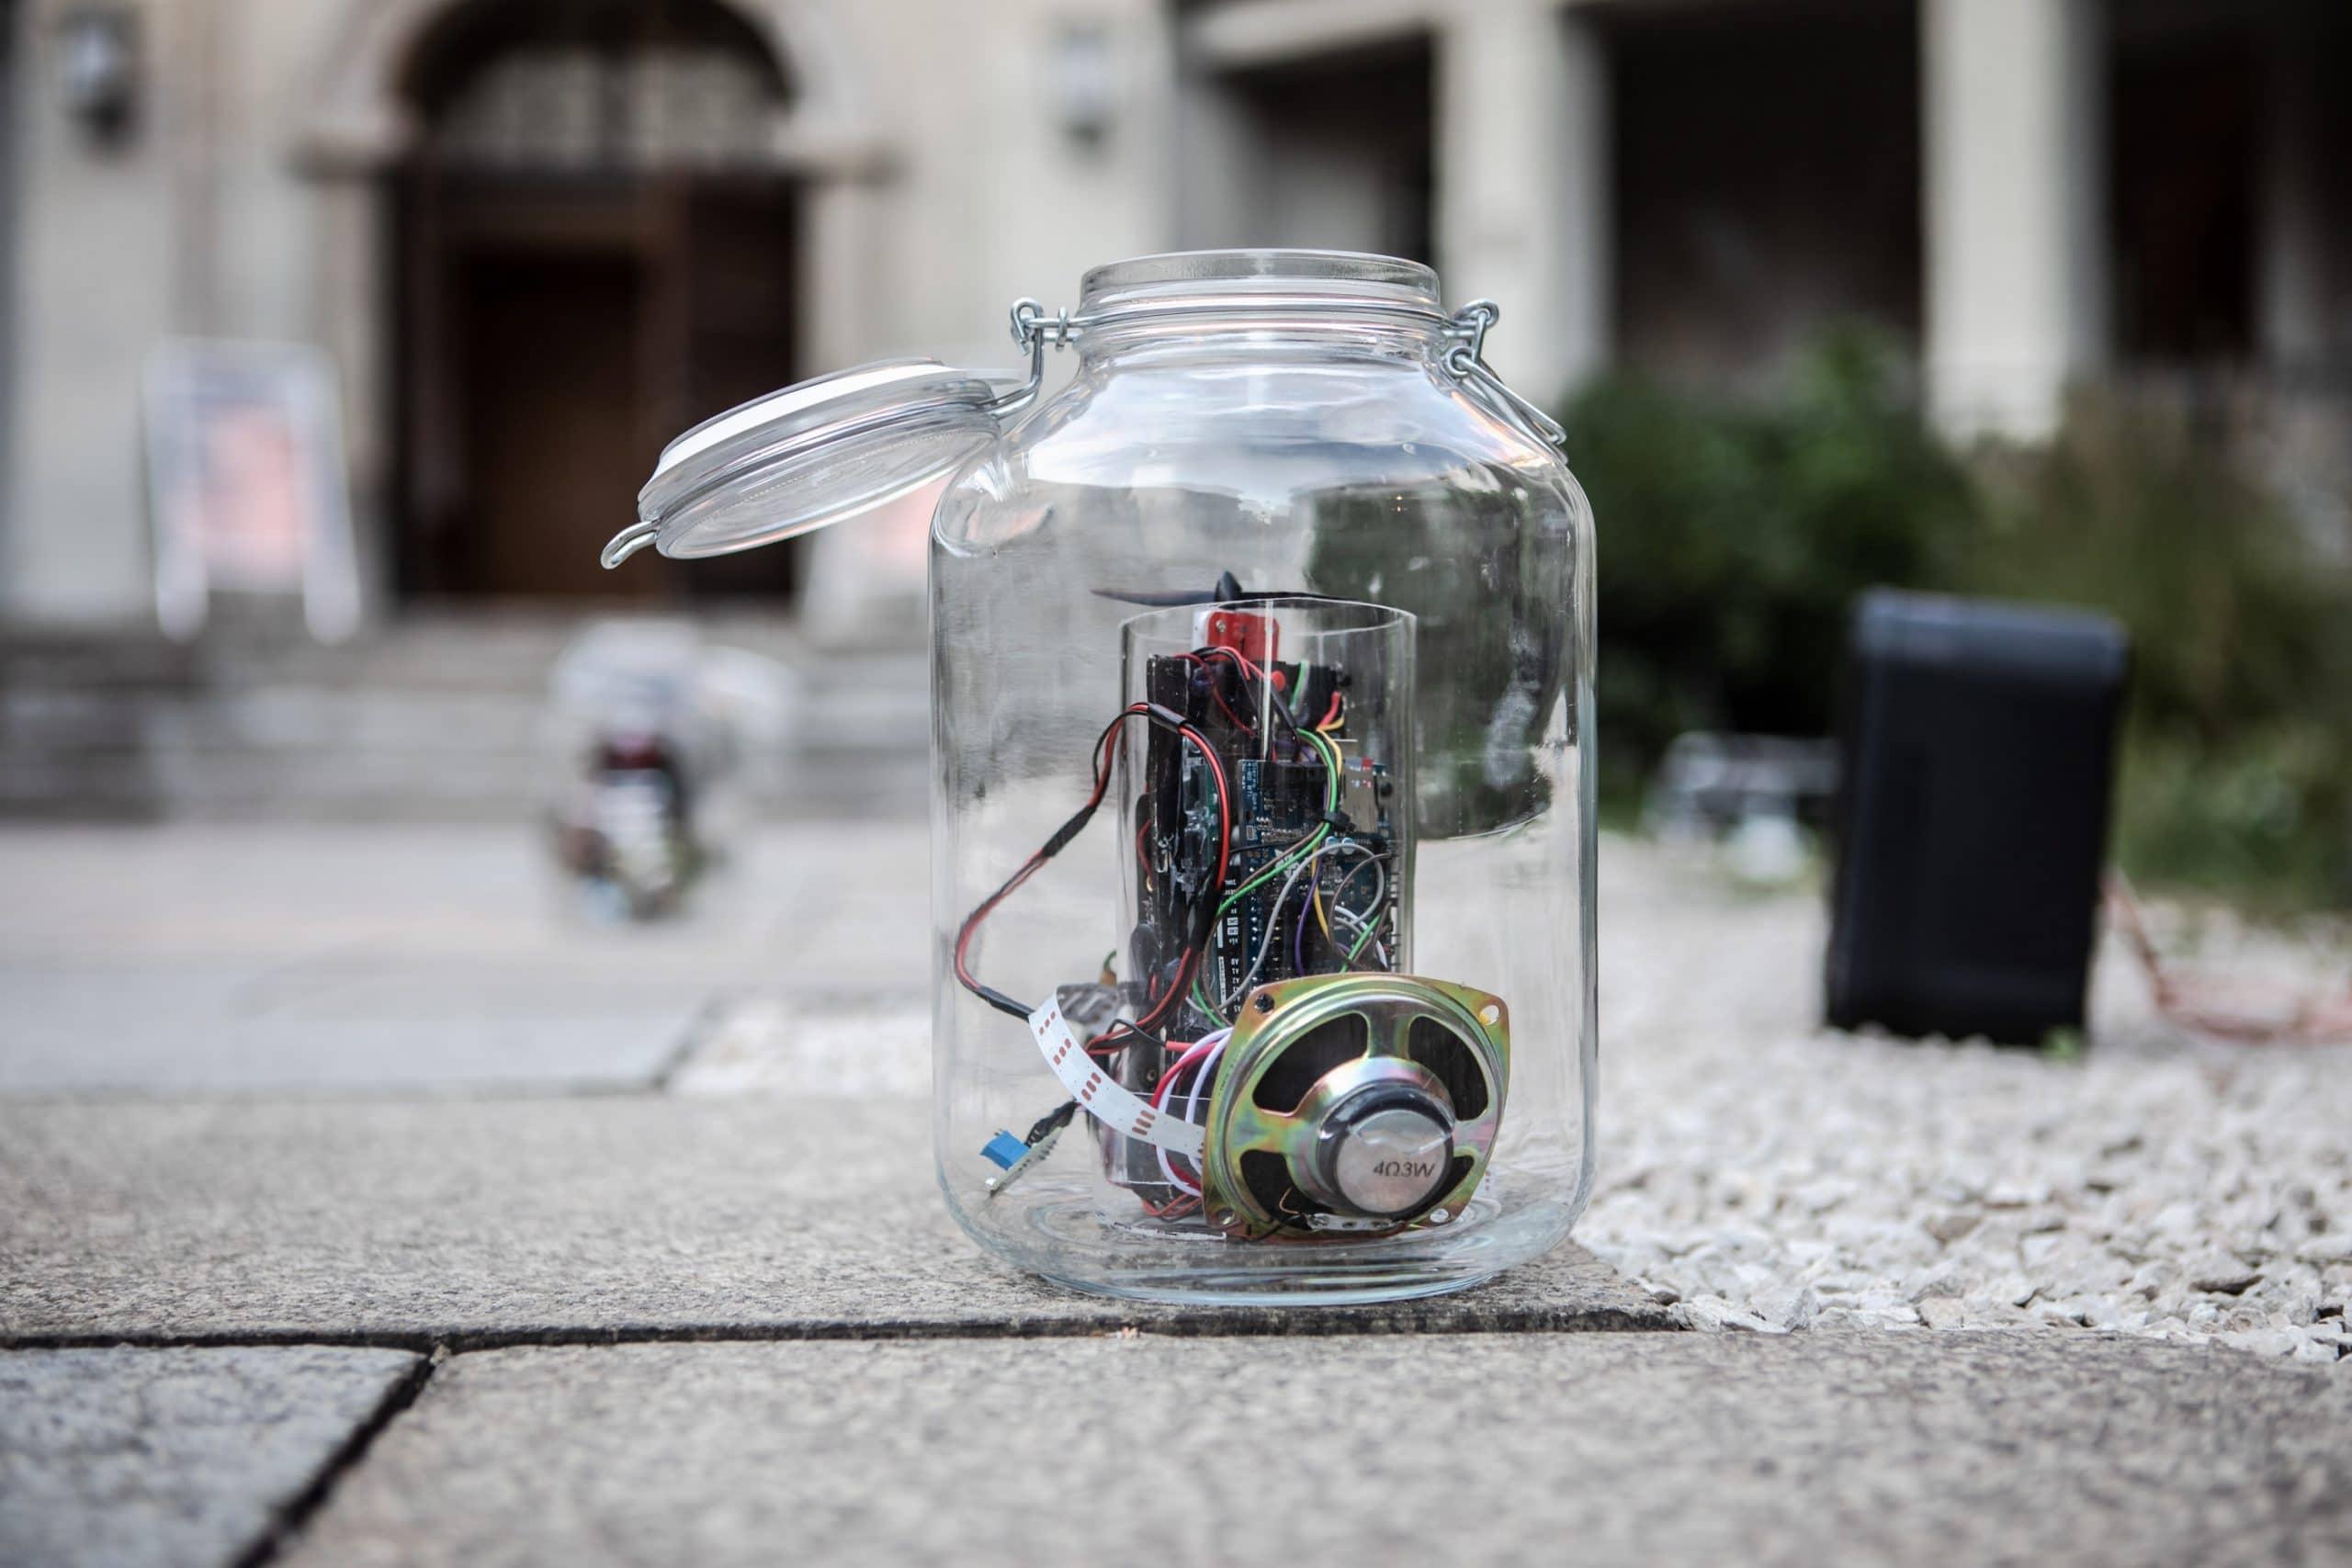 Lautsprecher in Elektronik in einem Glas